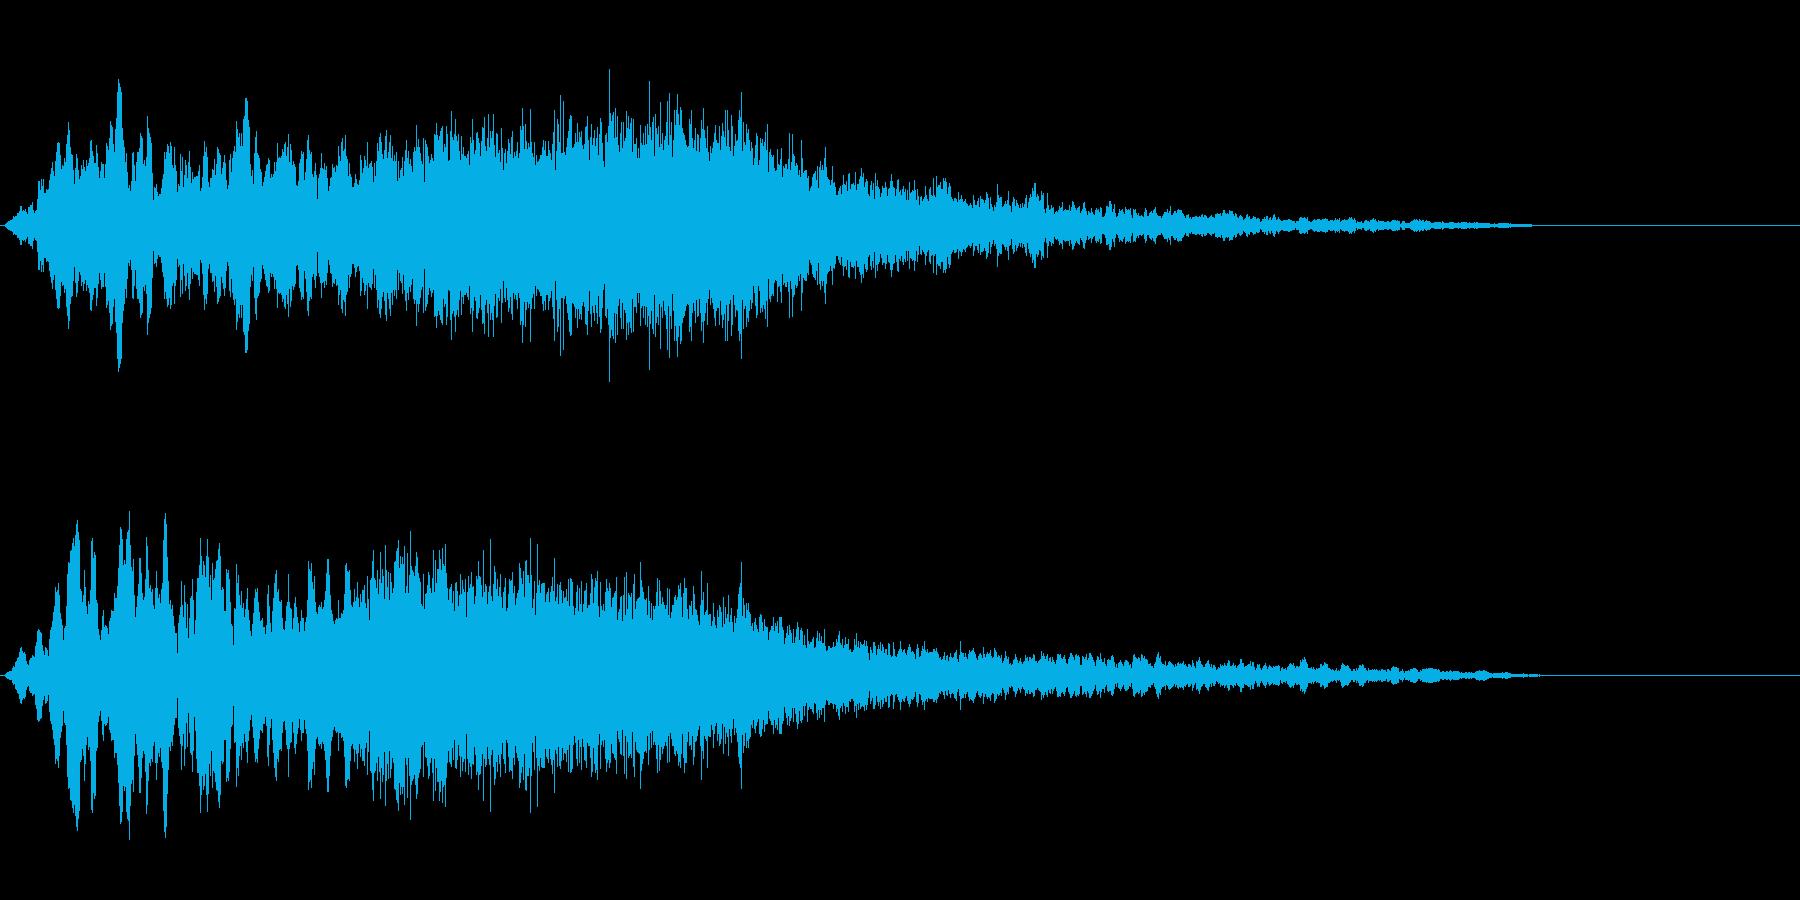 ふぁーん(天使が舞い降りてくるイメージ)の再生済みの波形